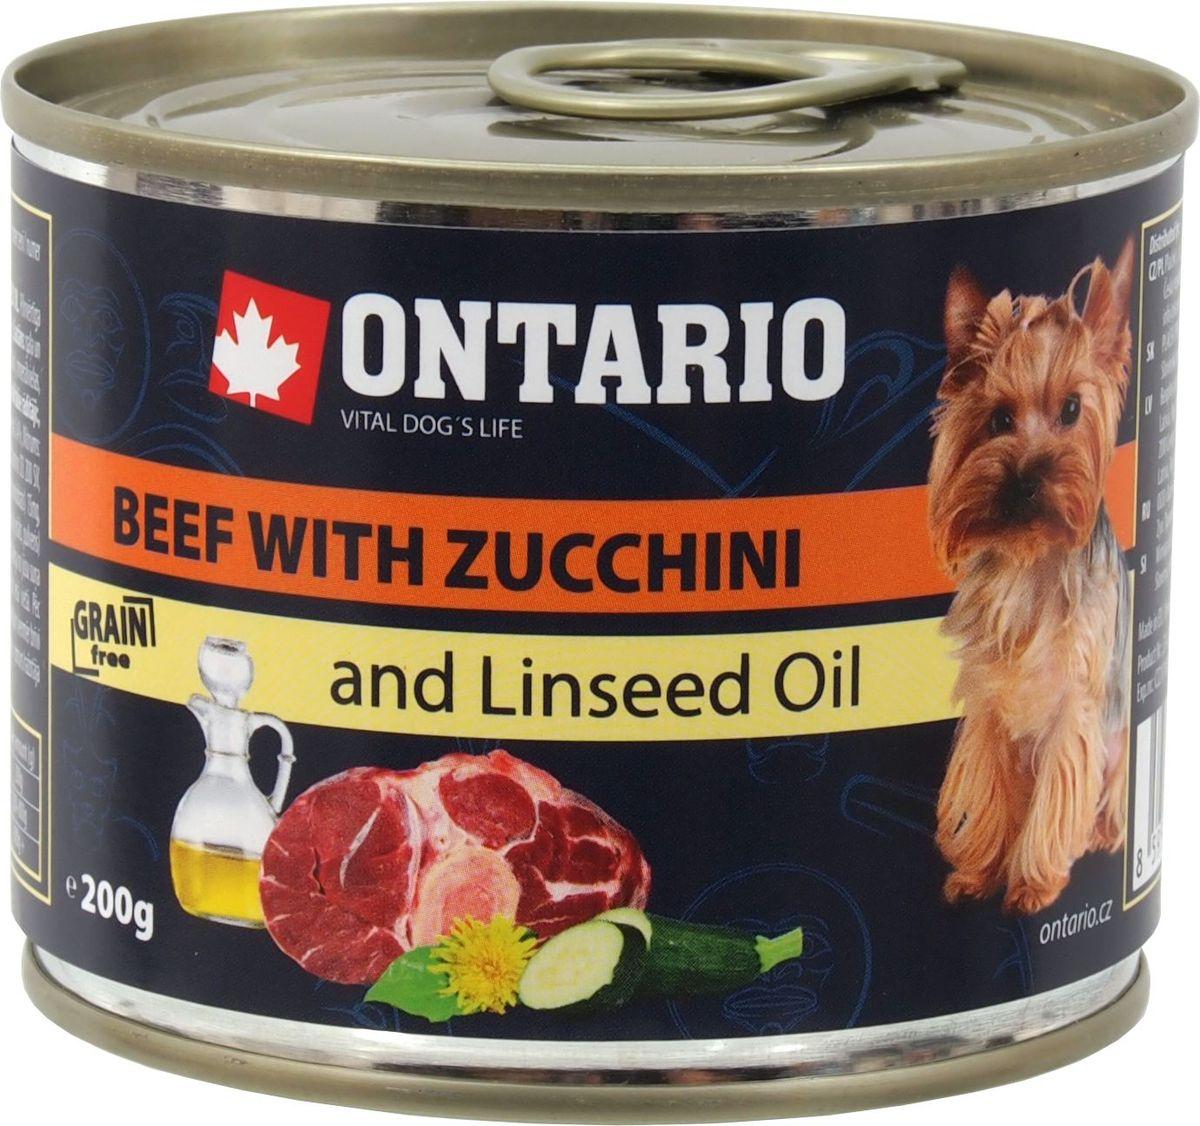 Консервы Ontario Mini для собак мелких пород, с говядиной и цуккини, 200 г46638Консервы Ontario Mini - это полнорационный корм для собак мелких пород. Для этих консервов отобраны только самые лучшие ингредиенты, чтобы порадовать вашего пушистого гурмана. При изготовлении консервов используется только отборное мясо и натуральный мясной бульон, а также витамины и минералы для поддержания здоровья питомца. Льняное масло известно своими противовоспалительными свойствами, оказывает положительное влияние на функцию сердца и почек, улучшает обмен веществ и укрепляет иммунитет, способствует усвоению витаминов. Одуванчик богат витаминами и микроэлементами, содержит жирные масла и органические кислоты, а также такие вещества, как тараксацин и тараксацерин, способствующие пищеварению.Состав: 65% мясо и его производные (из которых 30% говядина), бульон (28,3%), овощи (5% цуккини), 1% минералы, масла и жиры (0,5% льняное масло), травы (0,2% одуванчик).Гарантированный анализ: белок 10%, жир 6,5%, зола 2,4%, клетчатка 0,4%, влага 75%.Добавки: Витамин D3 200 МЕ, Витамин E, all rac-альфа токоферол ацетат 30 мг, Моногидрат сульфата цинка 15 мг, Сульфат марганца II моногидрат 3 мг, Йодат кальция безводного 0,75 мг.Товар сертифицирован.